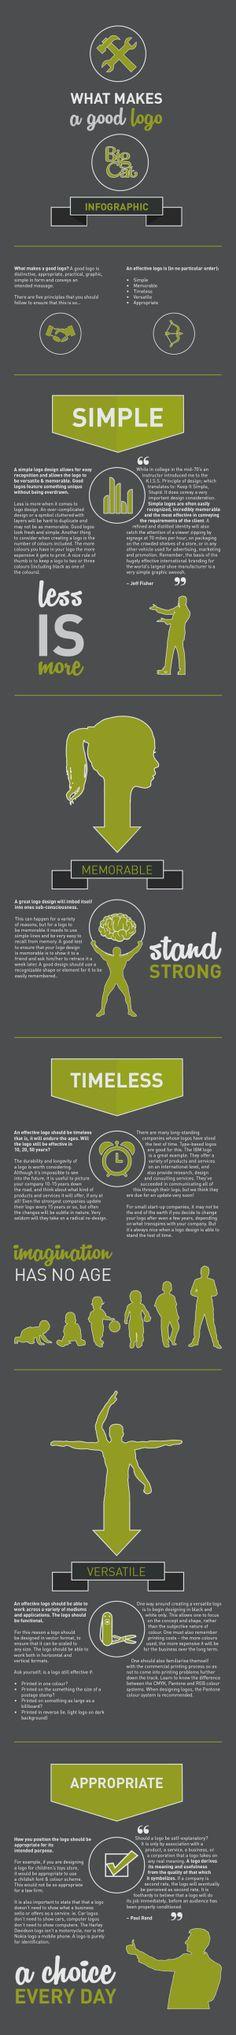 {Tics y Fomración} JUL 16, 2013 – Qué hace buen un logo #infografia #infographic #desgin #marketing → http://ticsyformacion.com/2013/07/16/que-hace-buen-un-logo-infografia-infographic-desgin-marketing